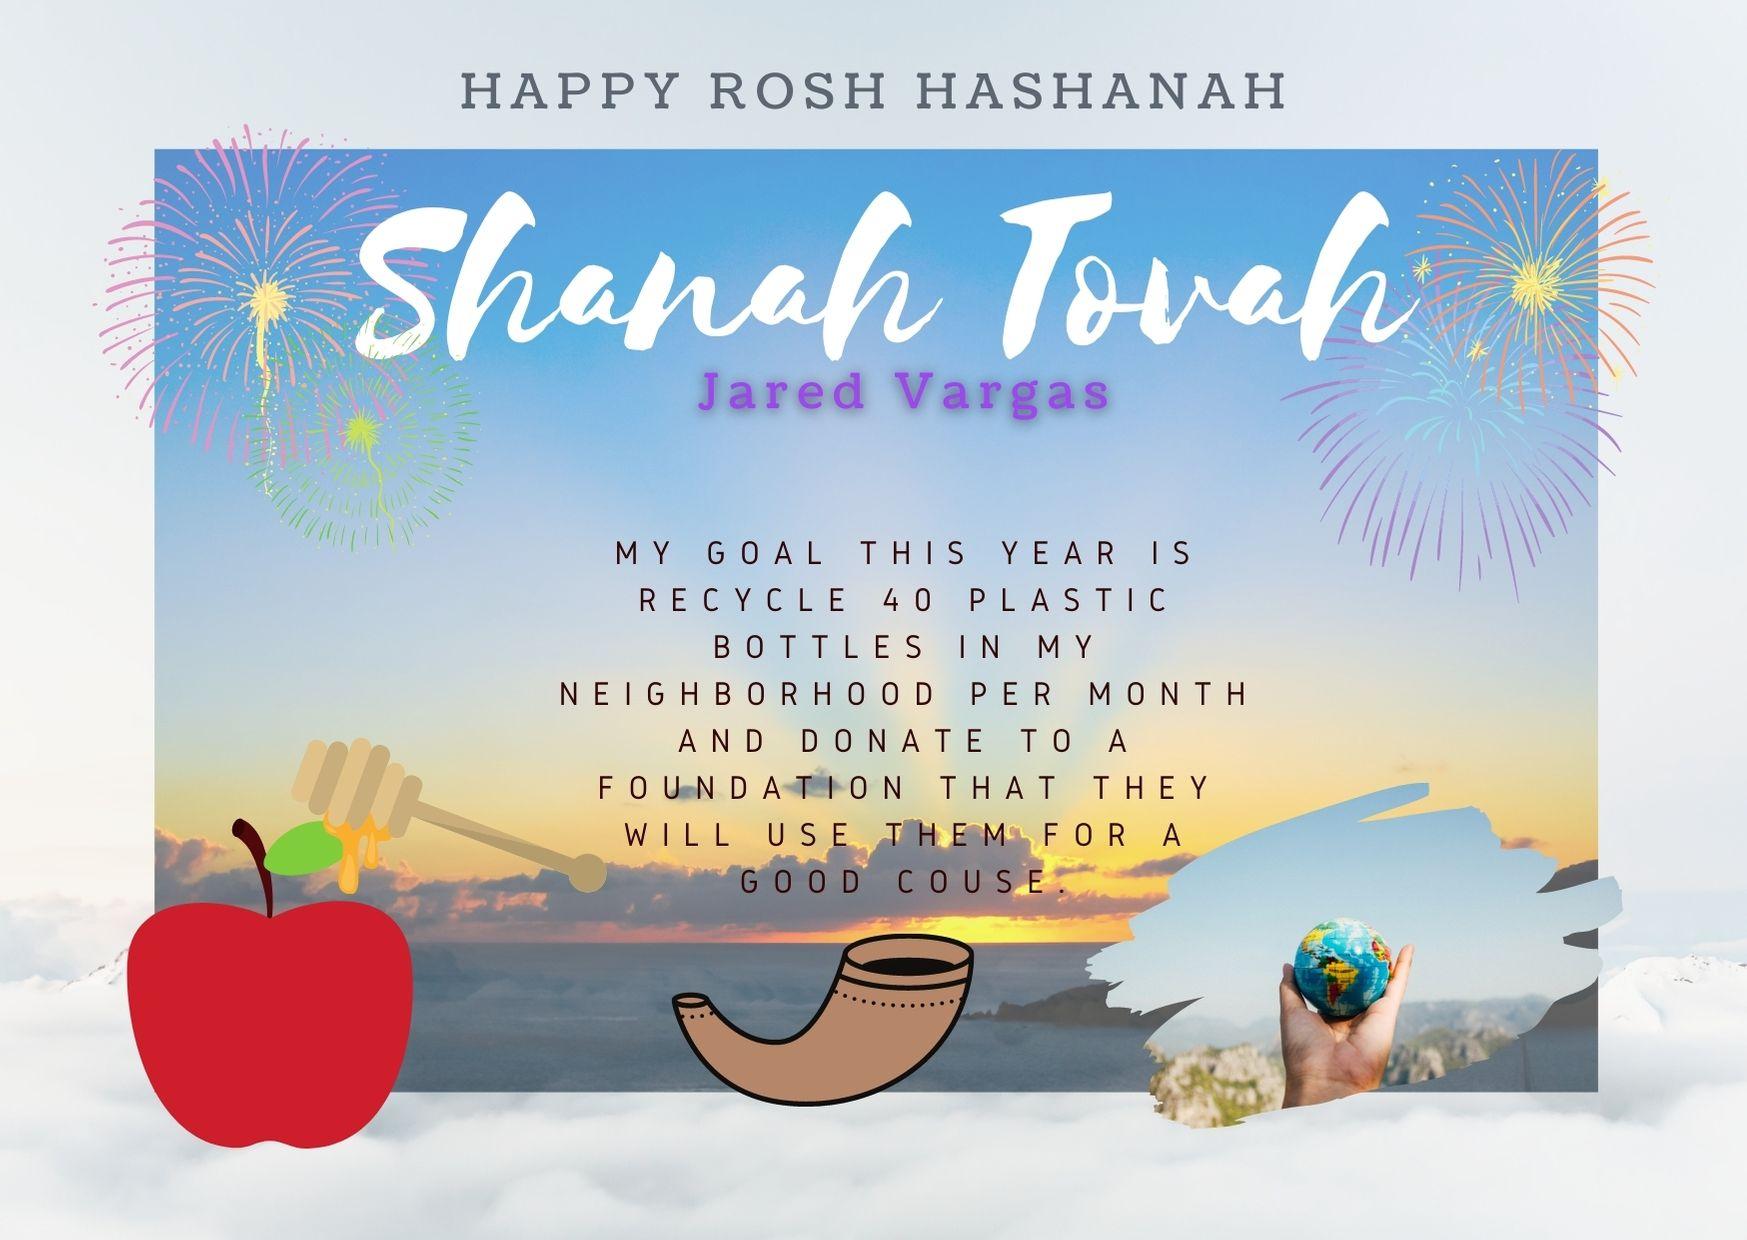 rosha hashanah jared